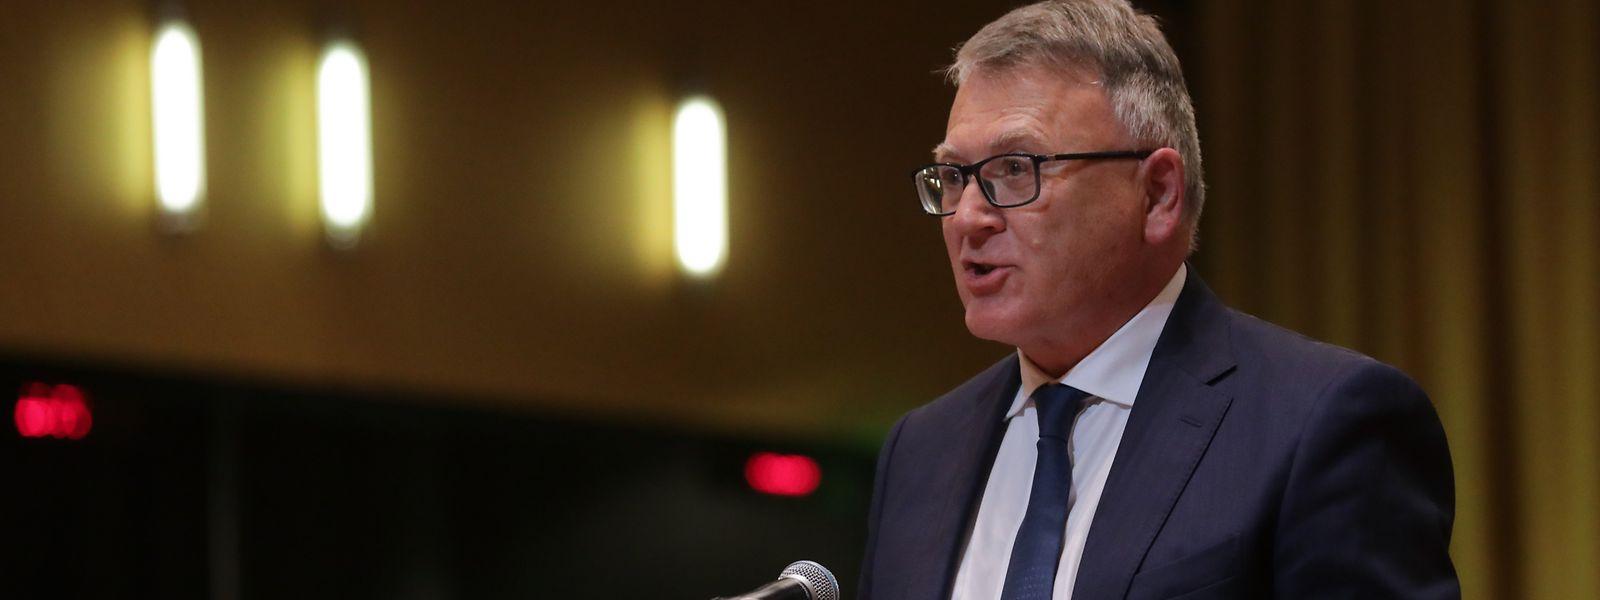 Nicolas Schmit wurde am Montag in Luxemburg als EU-Kommissar vereidigt.